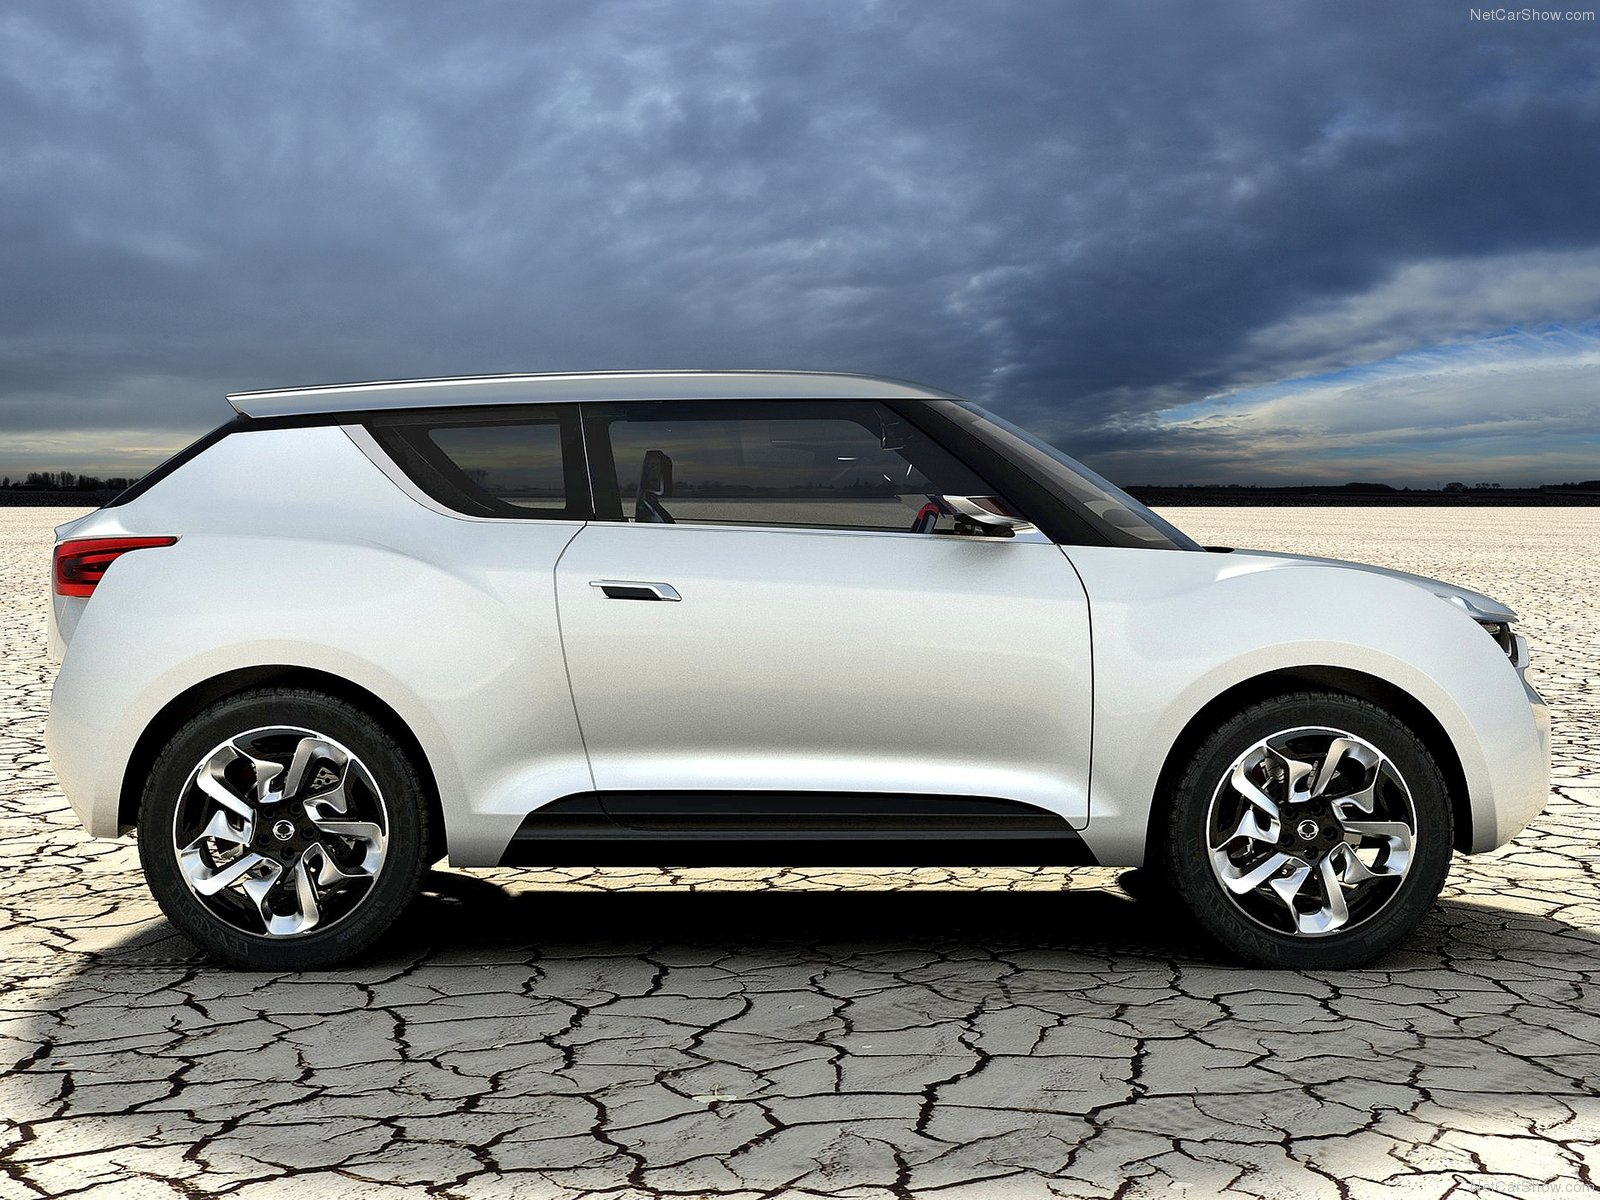 Hình ảnh xe ô tô SsangYong XIV-2 Concept 2012 & nội ngoại thất